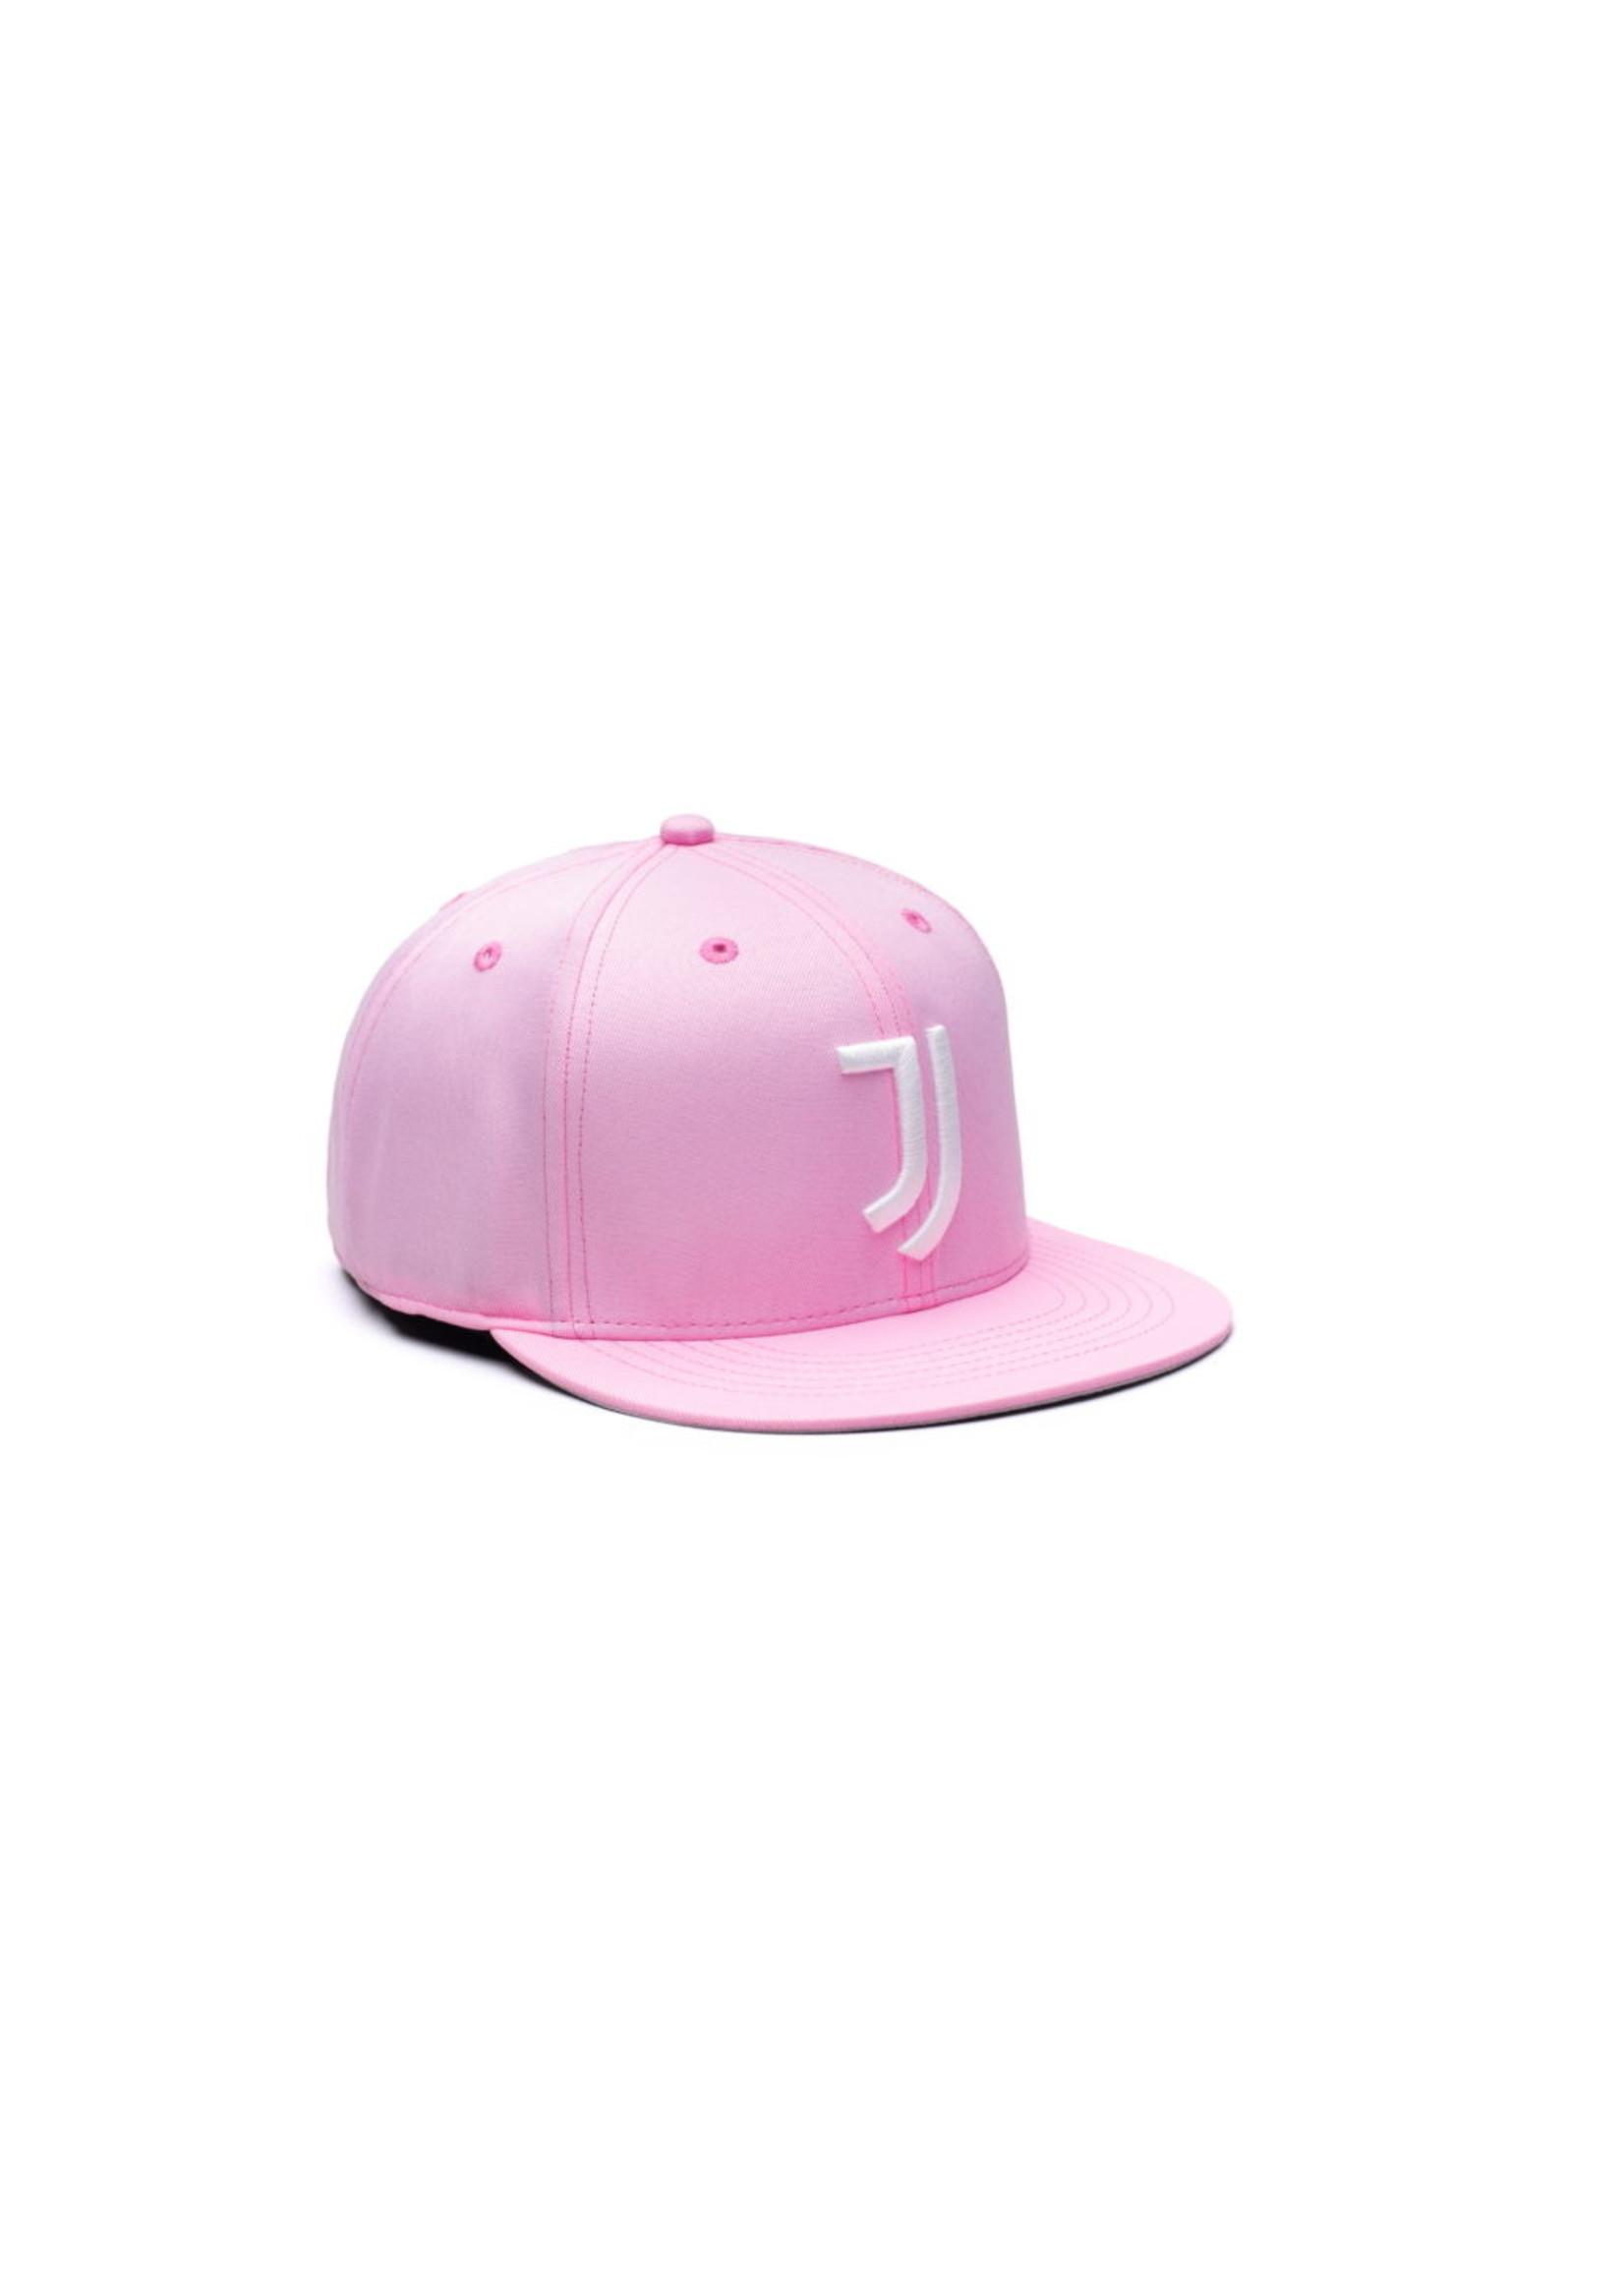 Juventus Pink Retro Flat Peak Snapback